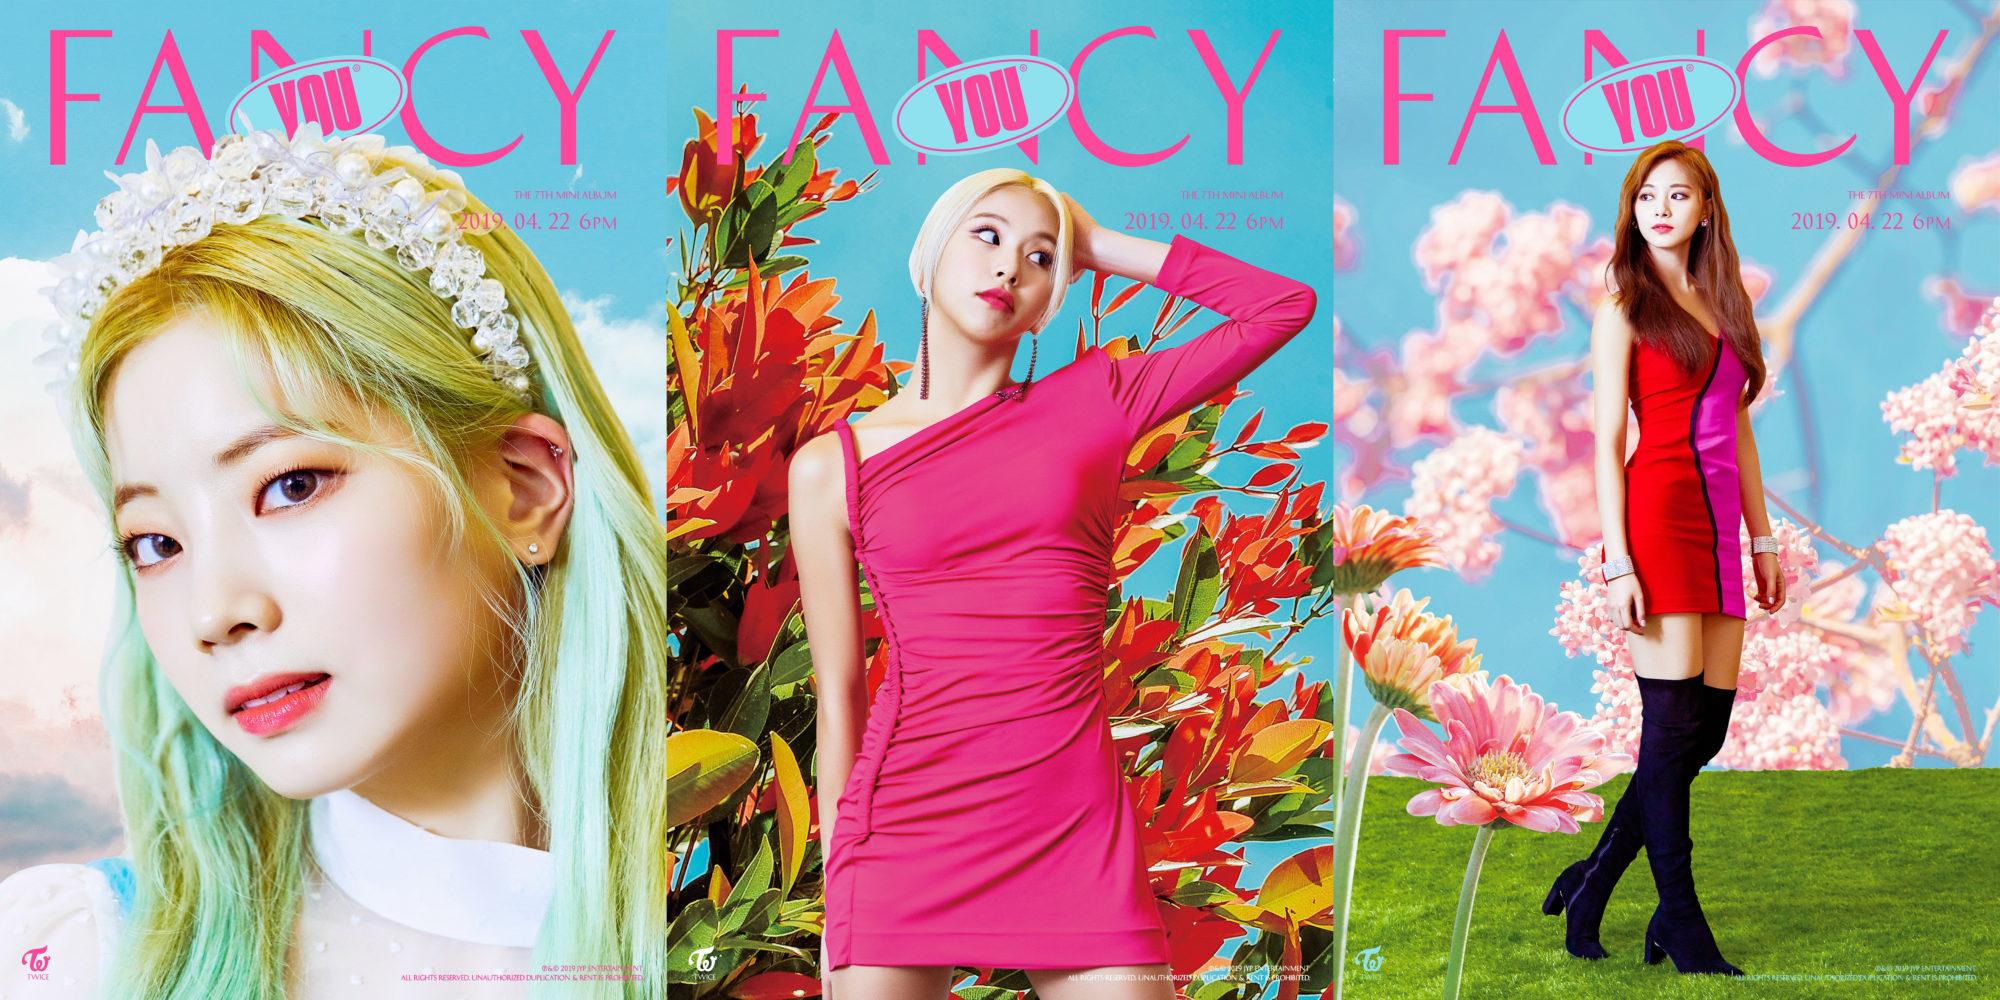 Twice Dahyun Chaeyoung Tzuyu Fancy You Teaser